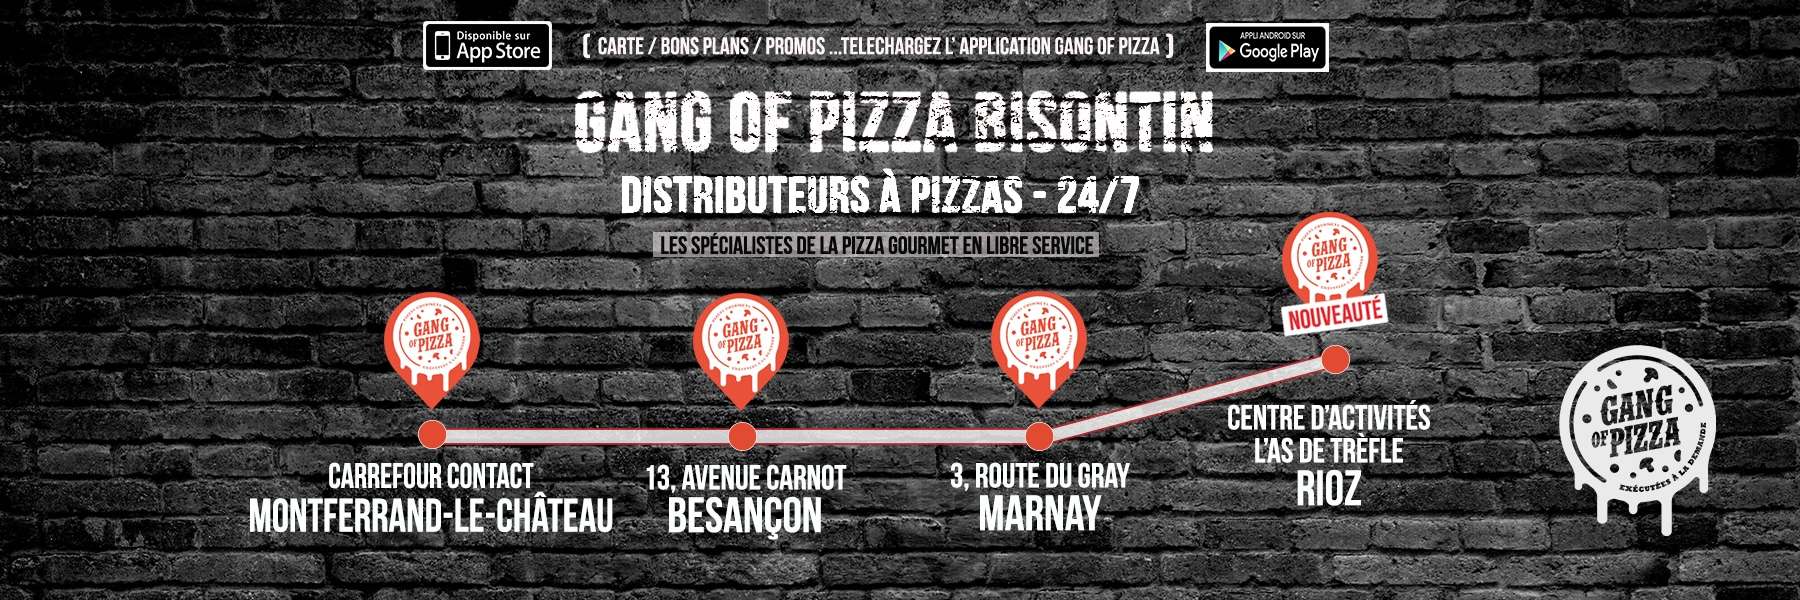 gang-of-pizza-debarque-a-rioz-distributeur-pizzas-24-7-gangofpizza-bisontin-centre-d-activites-as-de-trefle